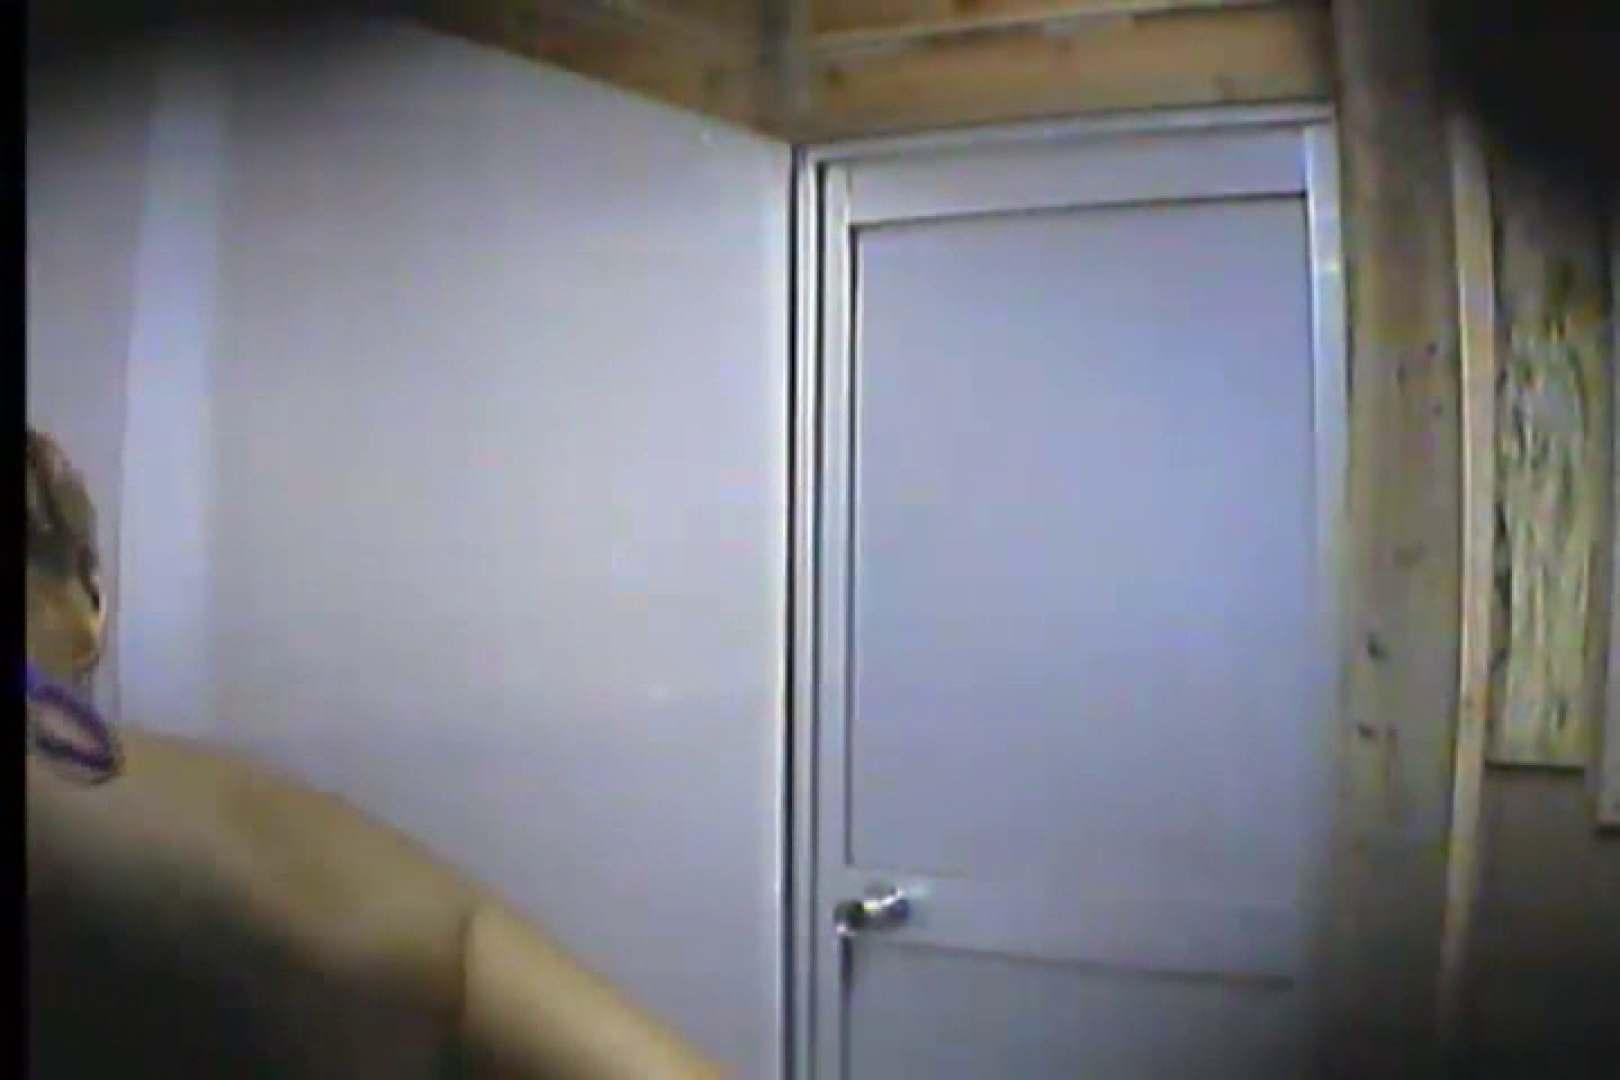 海の家の更衣室 Vol.20 OL | シャワー中  54連発 28